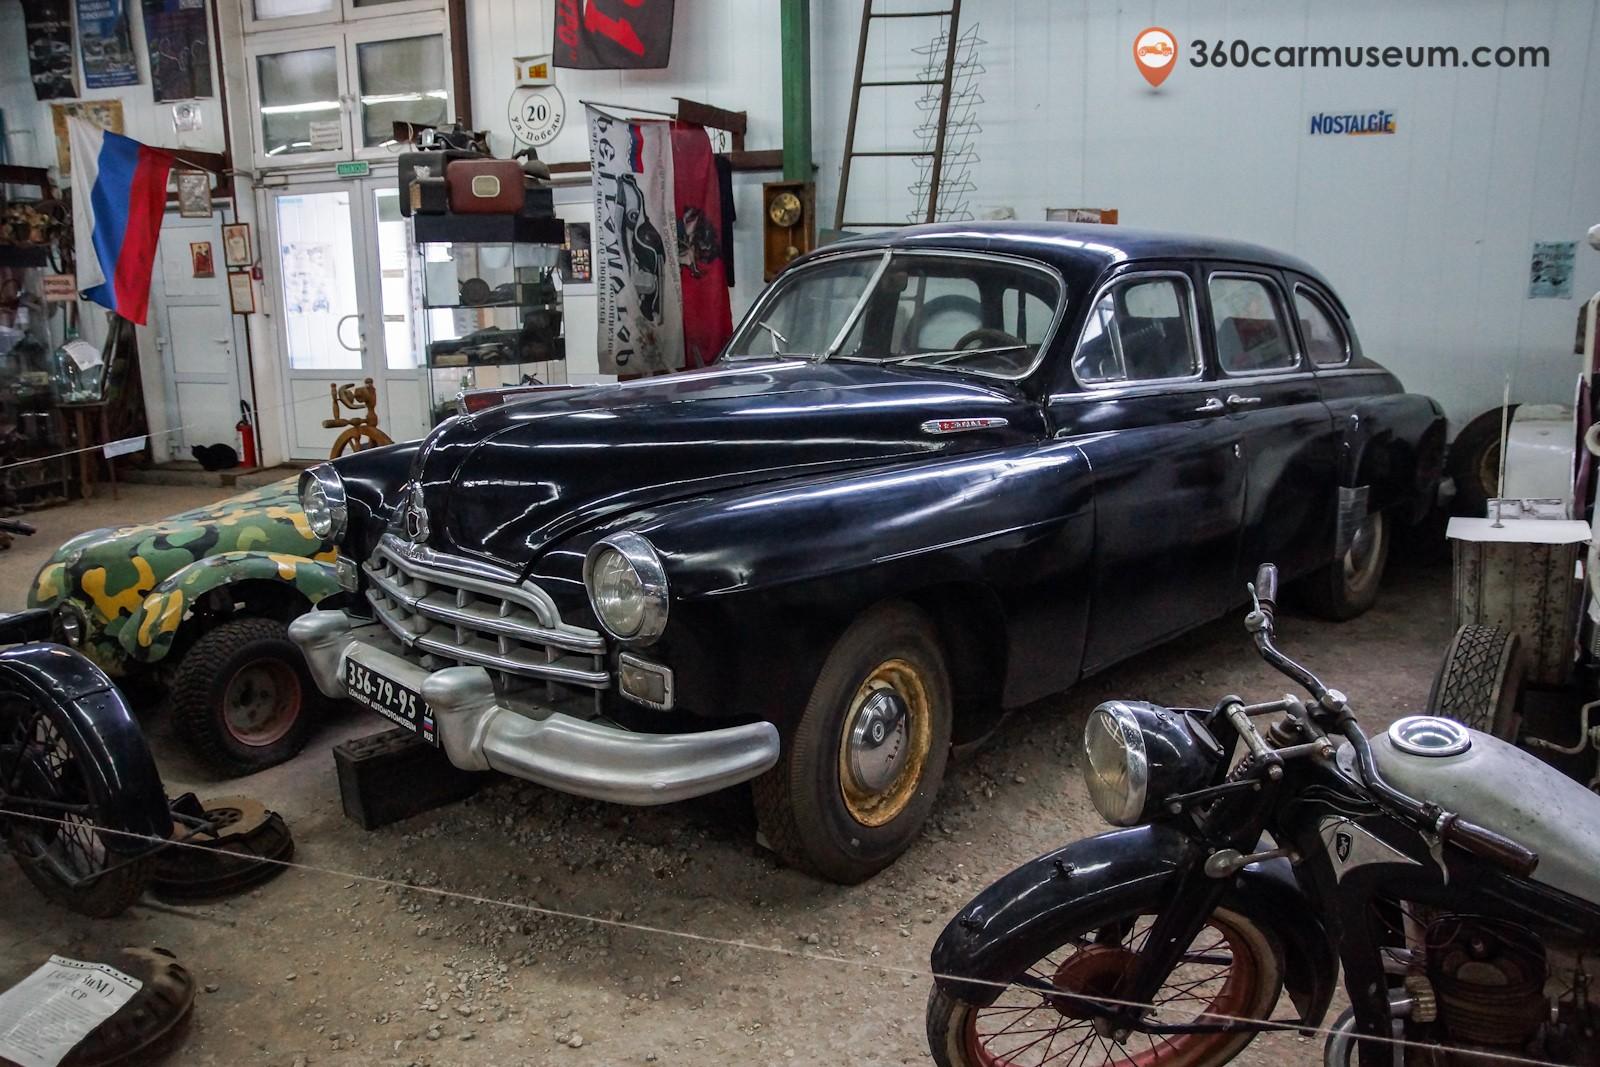 1955 GAZ-12 ZIM - museum exhibit | 360CarMuseum.com